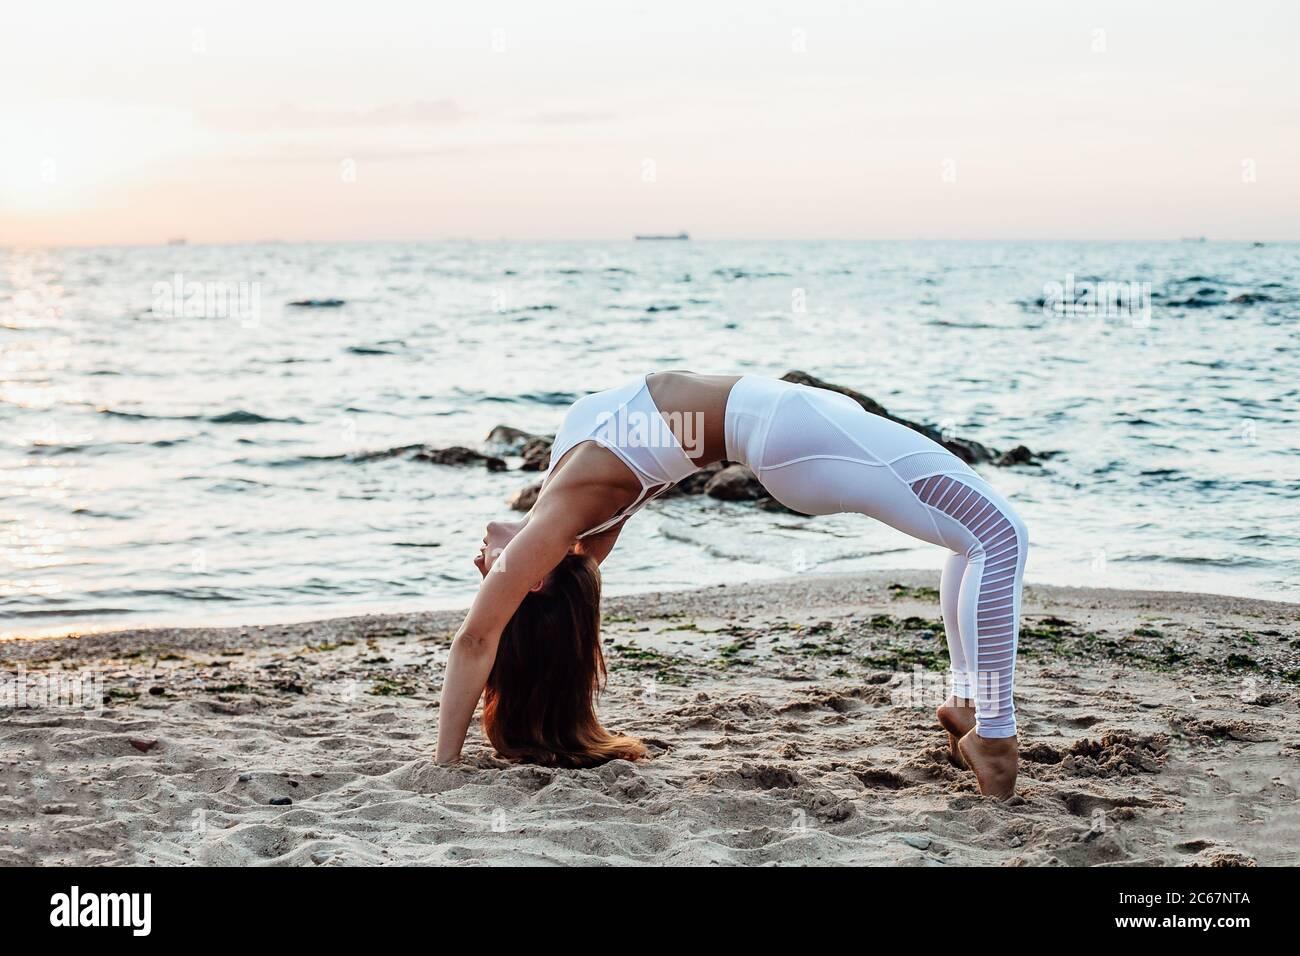 Vue latérale d'une jeune femme debout dans un poste de yoga Warrior sur une plage de sable Banque D'Images